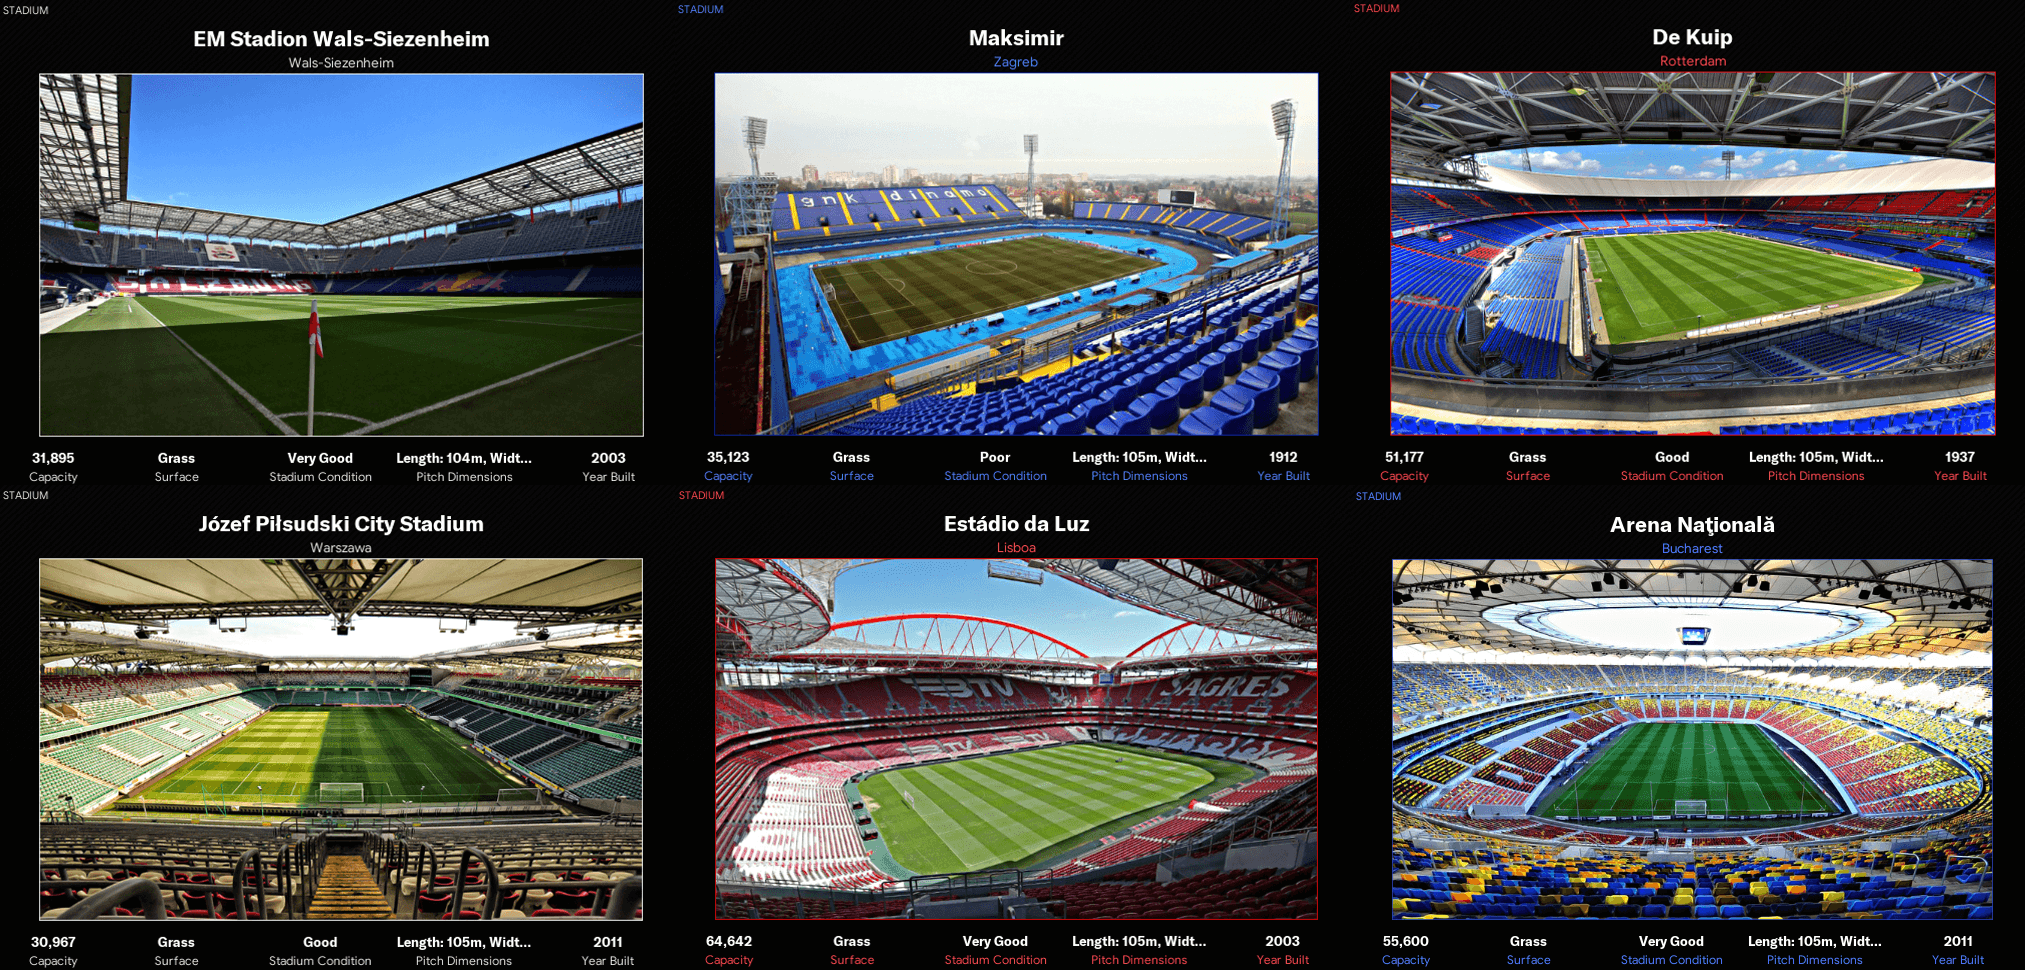 FMT Stadium Superpack (FM2020) Stadiums-preview4e4431612899ec7e8